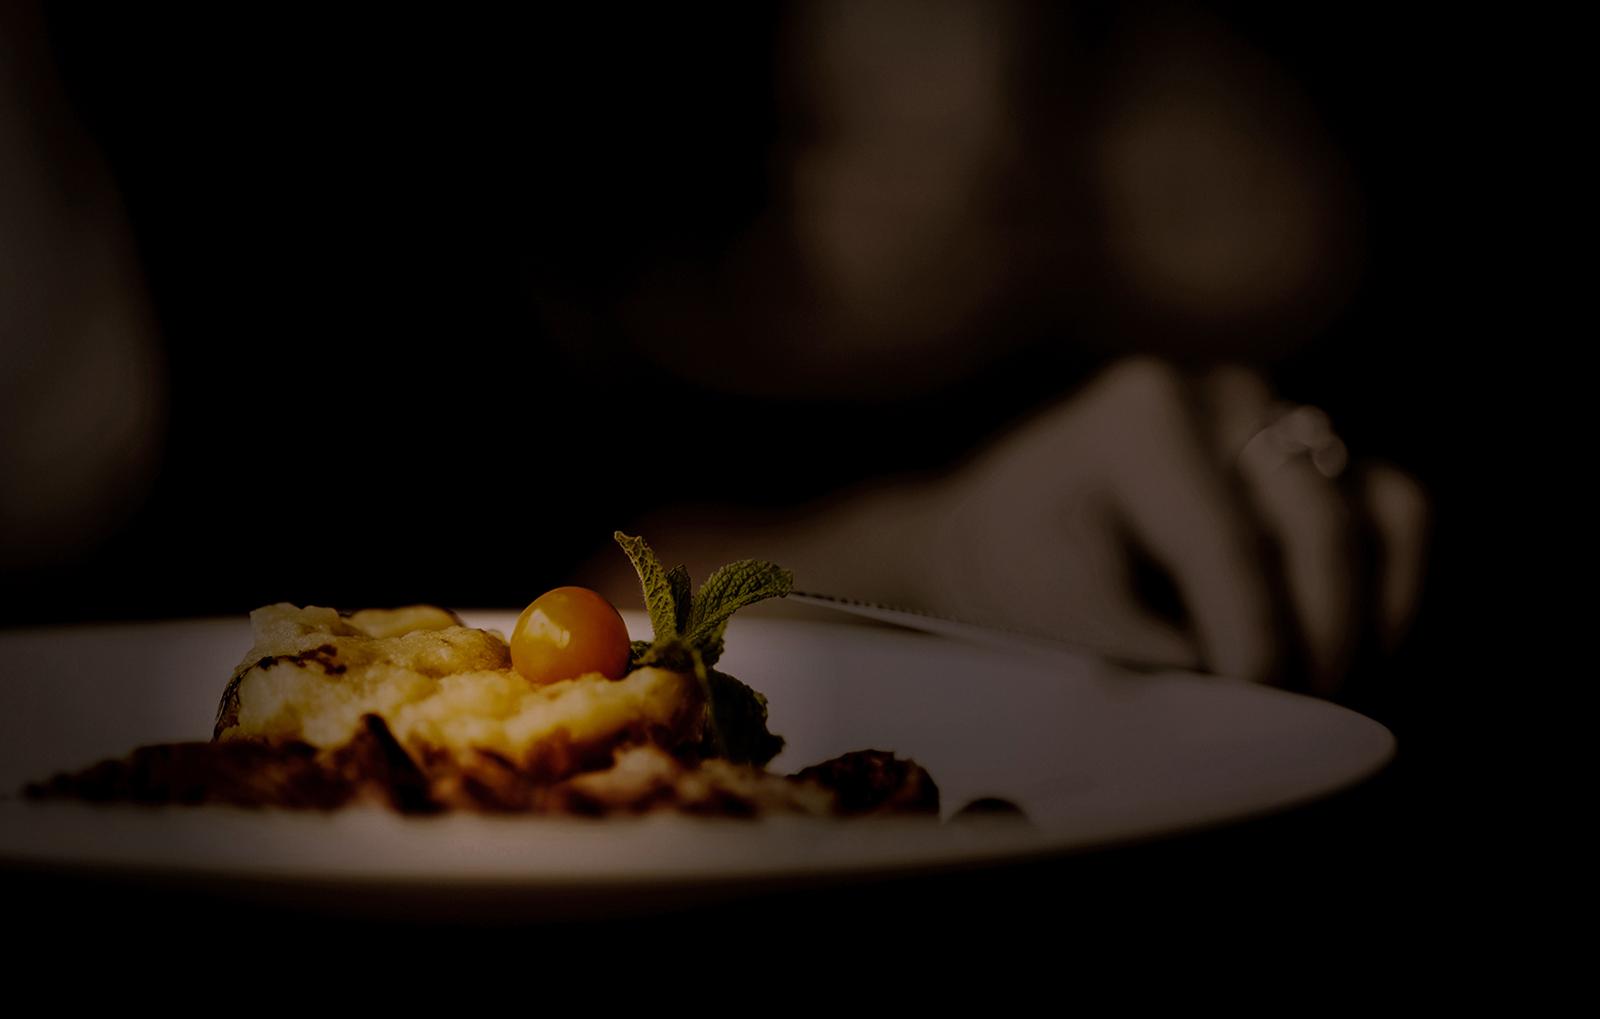 box_dinner-in-the-dark_3-gaenge-menue-hotel-innsbruck-innsbruck-bg1